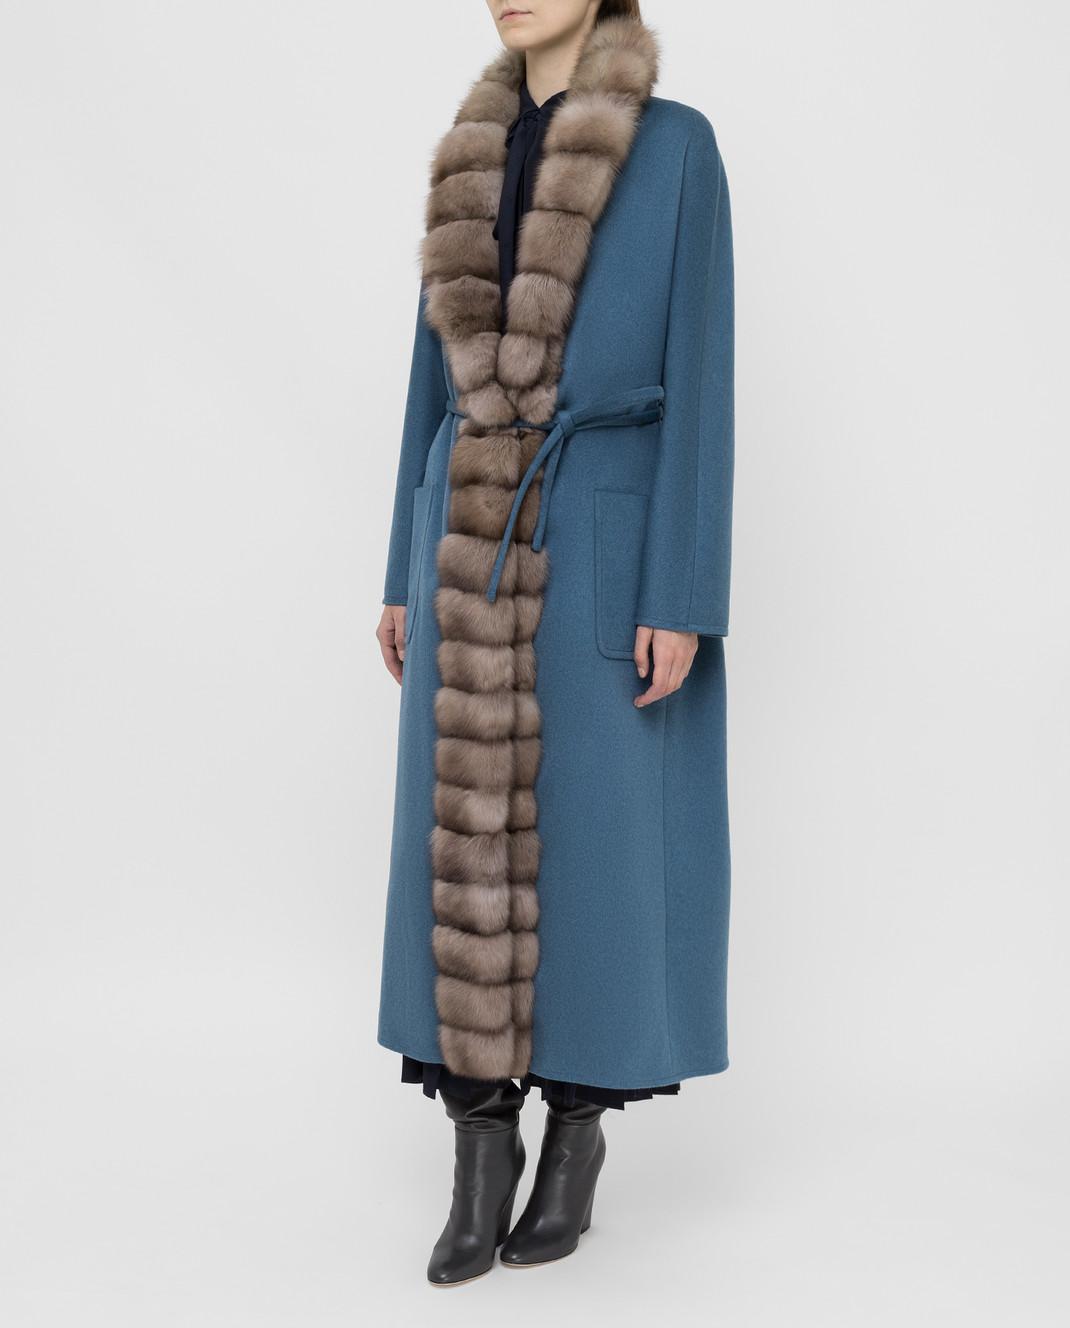 Real Furs House Синее пальто из кашемира с мехом соболя GT01lLIGHTBLUE изображение 3